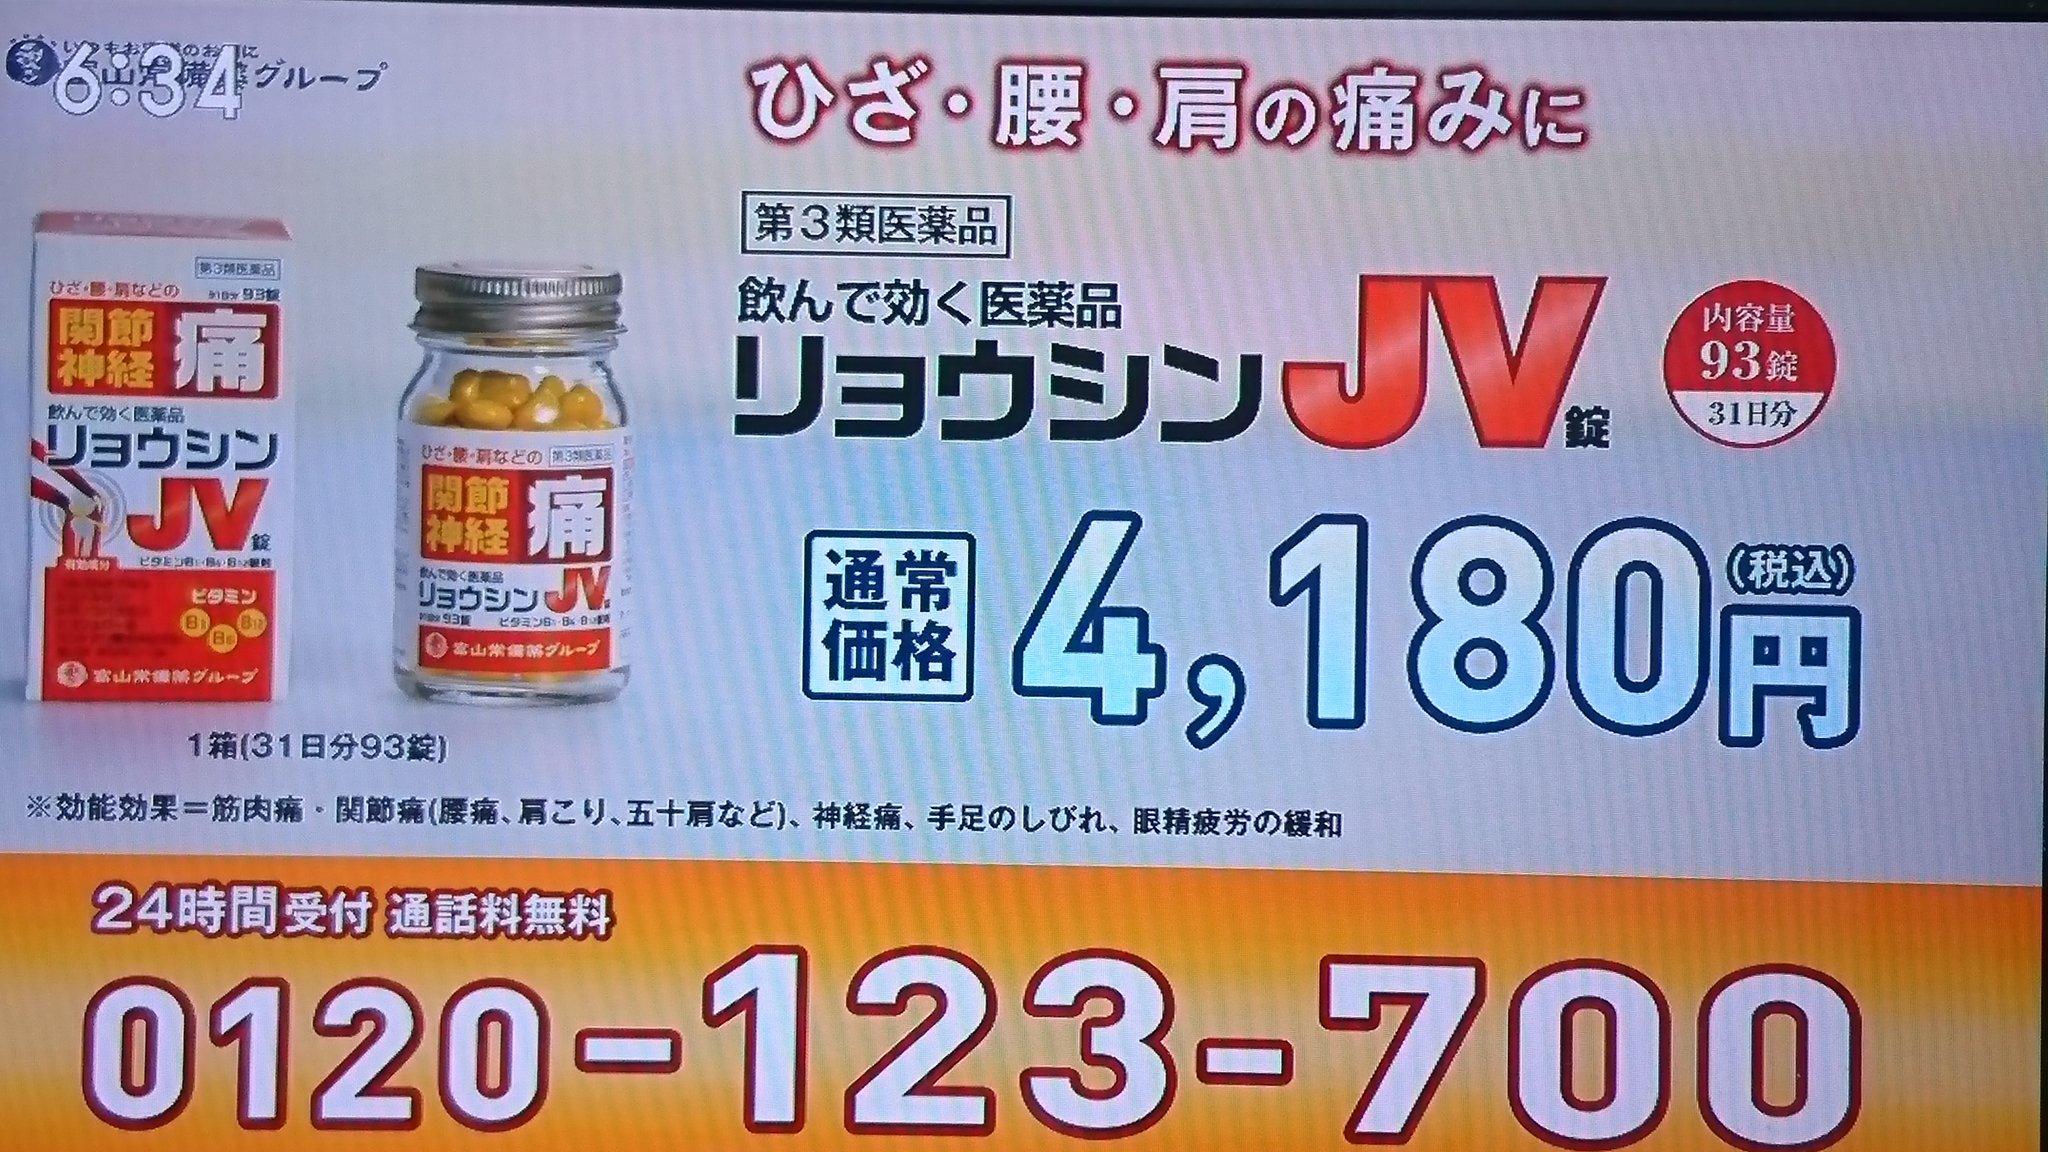 リョウシン jv 効き目